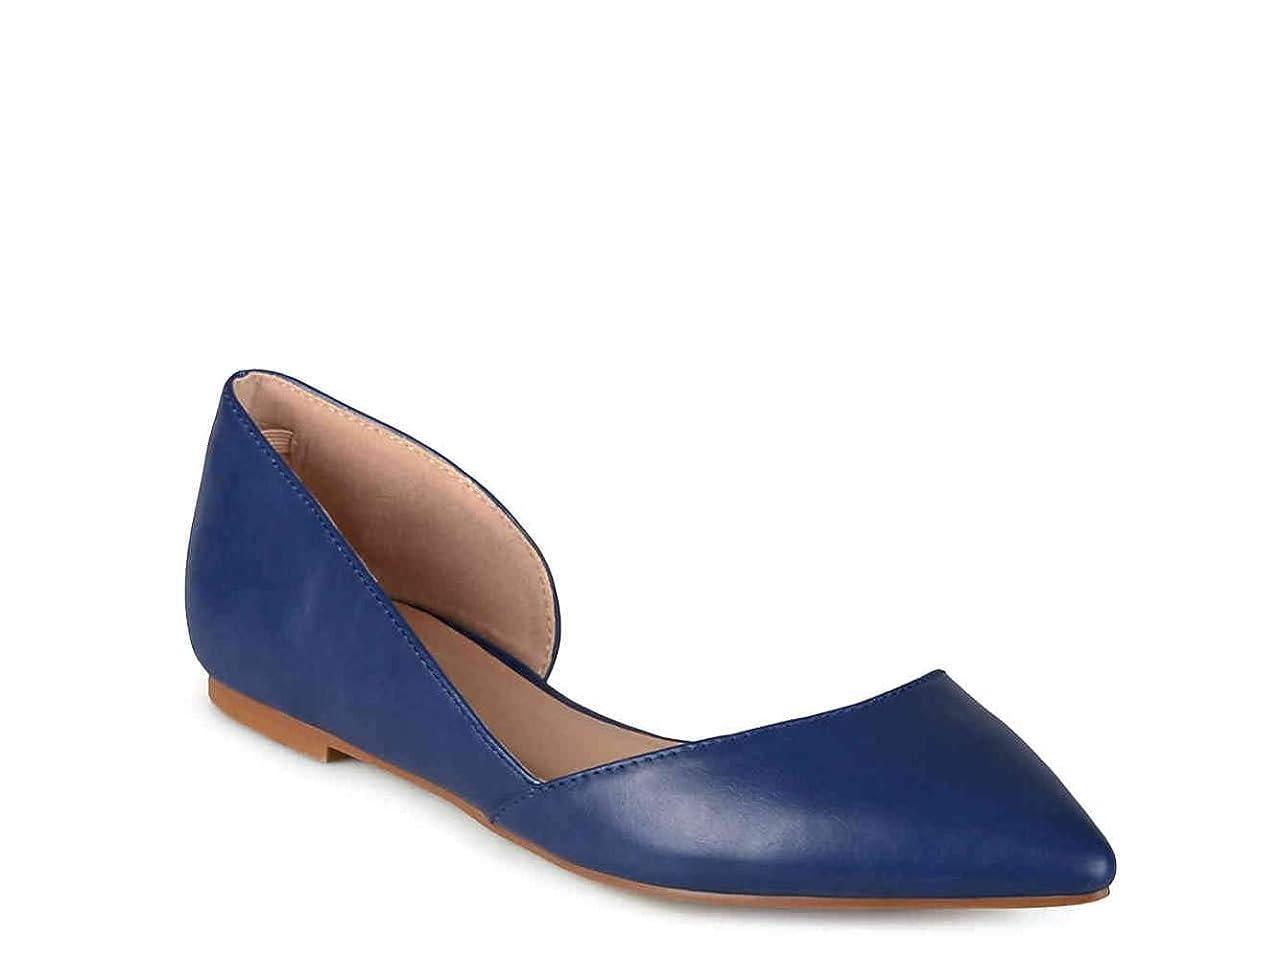 アンデス山脈軽頭[Journee Collection] Womens Cortni Pointed Toe Ballet Flats [並行輸入品]